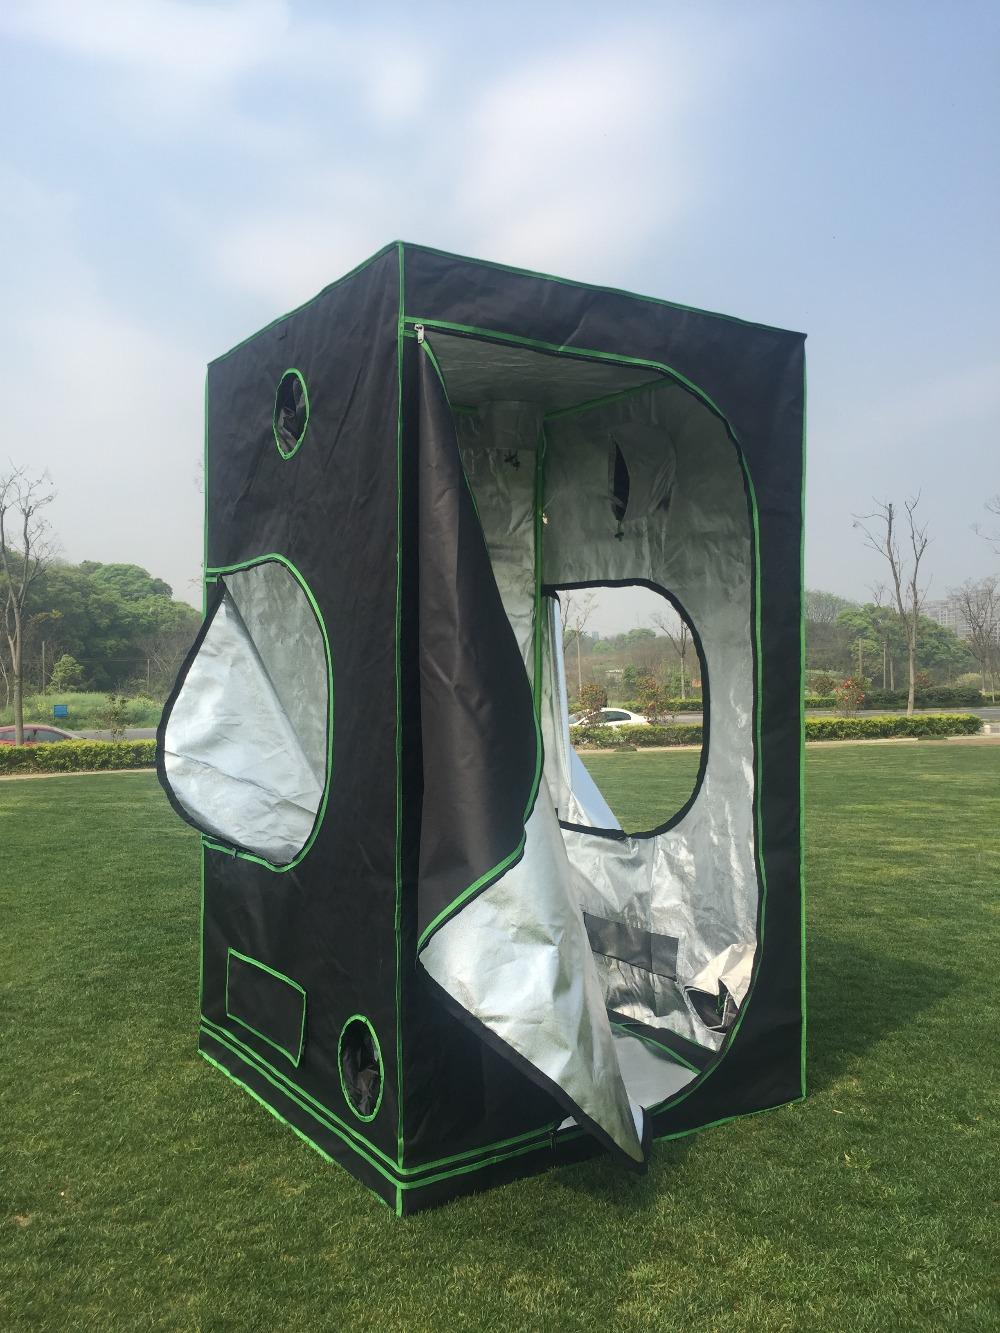 Maison et jardin hydroponique système intérieur élèvent la tente 48x48x78 pouces 120x120x200 cm à